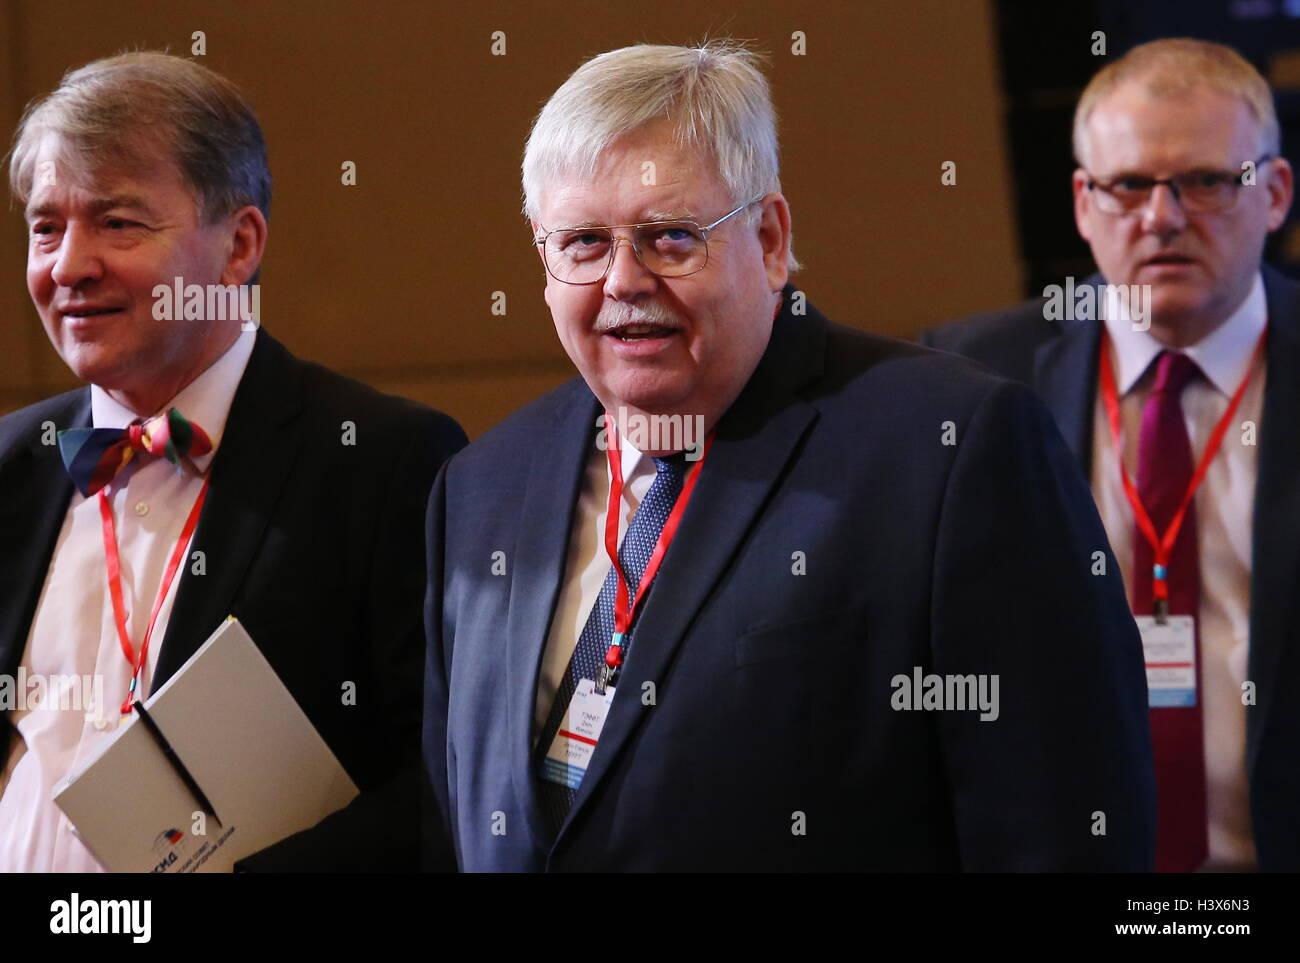 Mosca, Russia. Xiii oct, 2016. Ambasciatore statunitense in Russia Giovanni Tefft (C) in occasione di una conferenza Immagini Stock